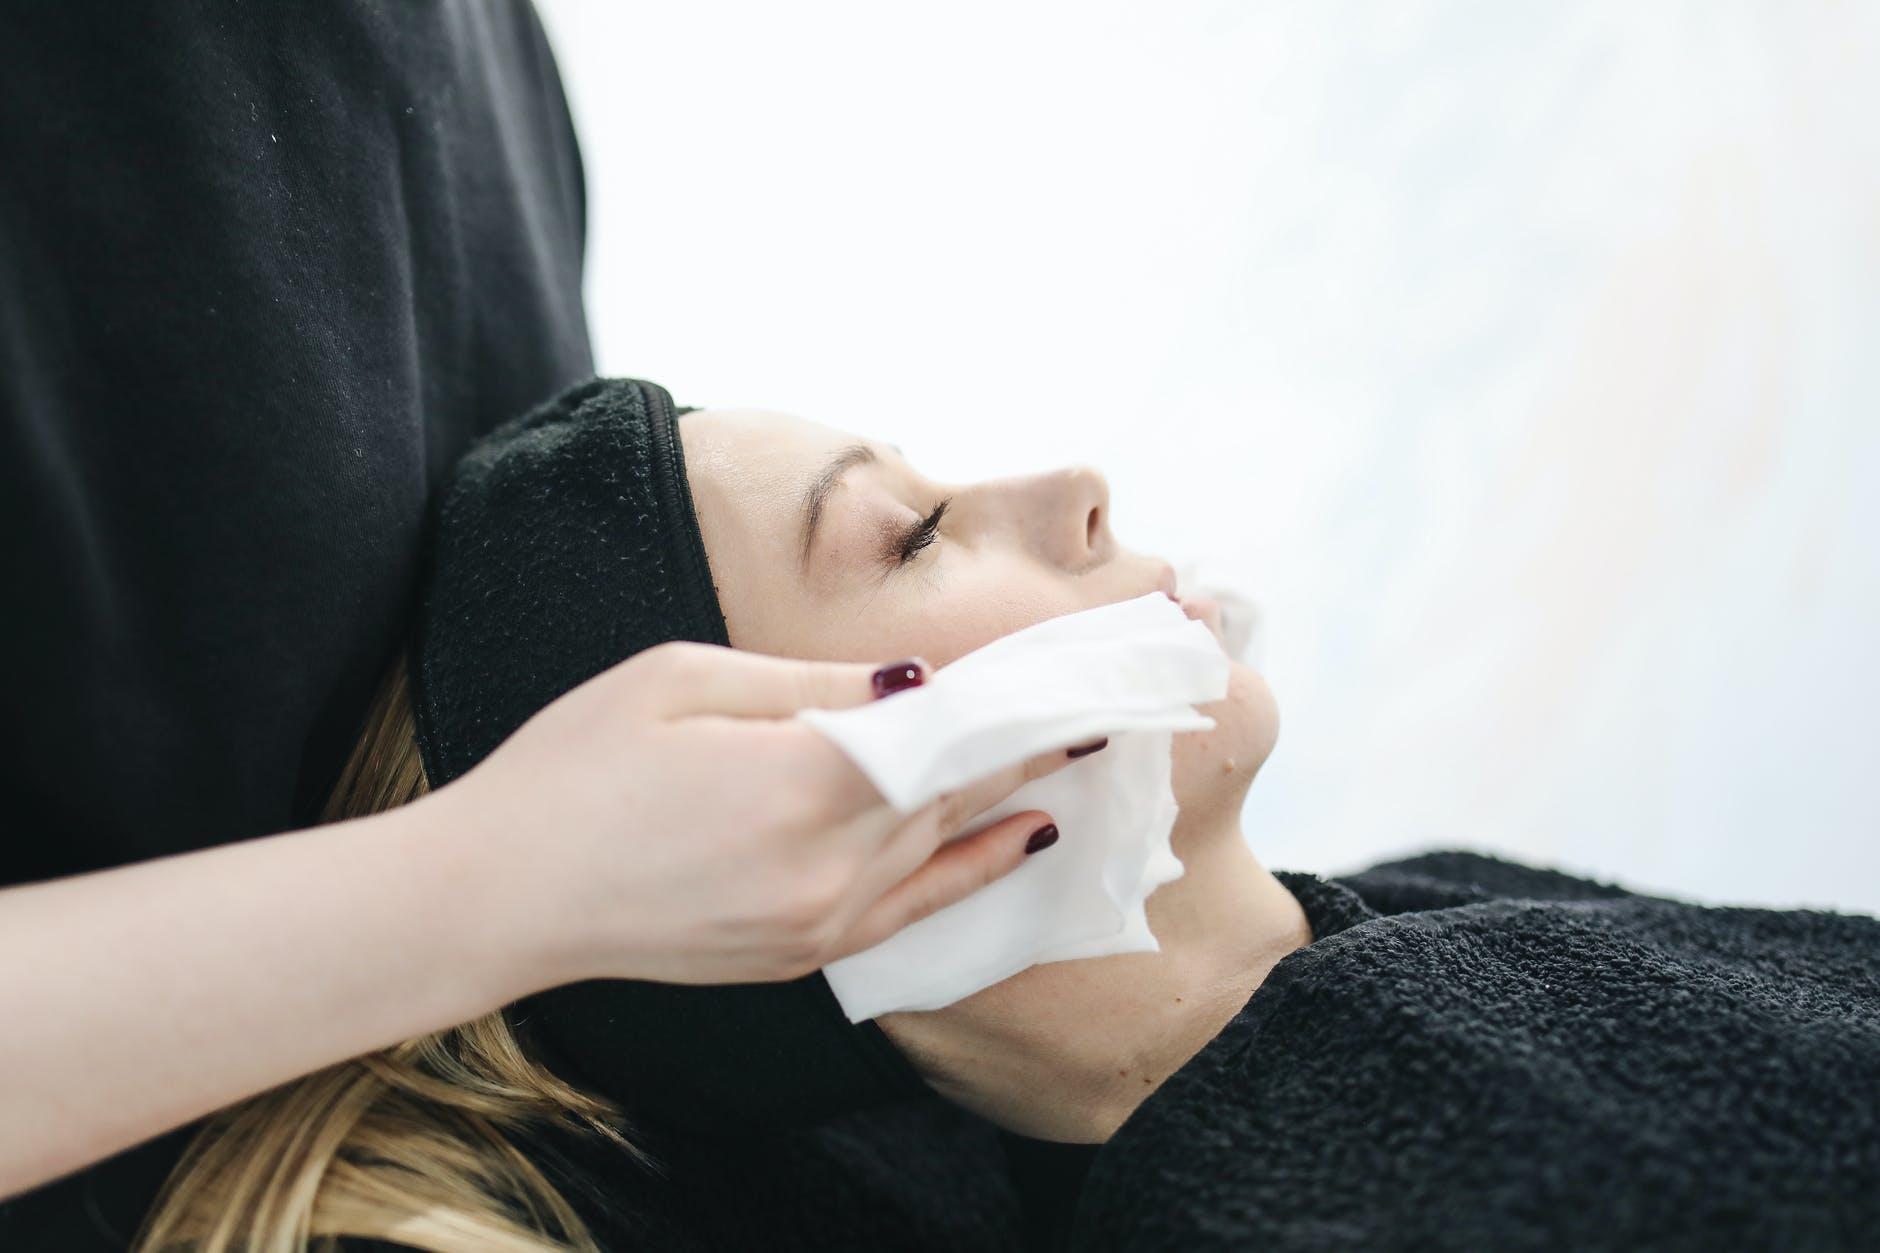 Esto le sucede a tu rostro cuando aplicas bicarbonato, azúcar y vinagre de manzana